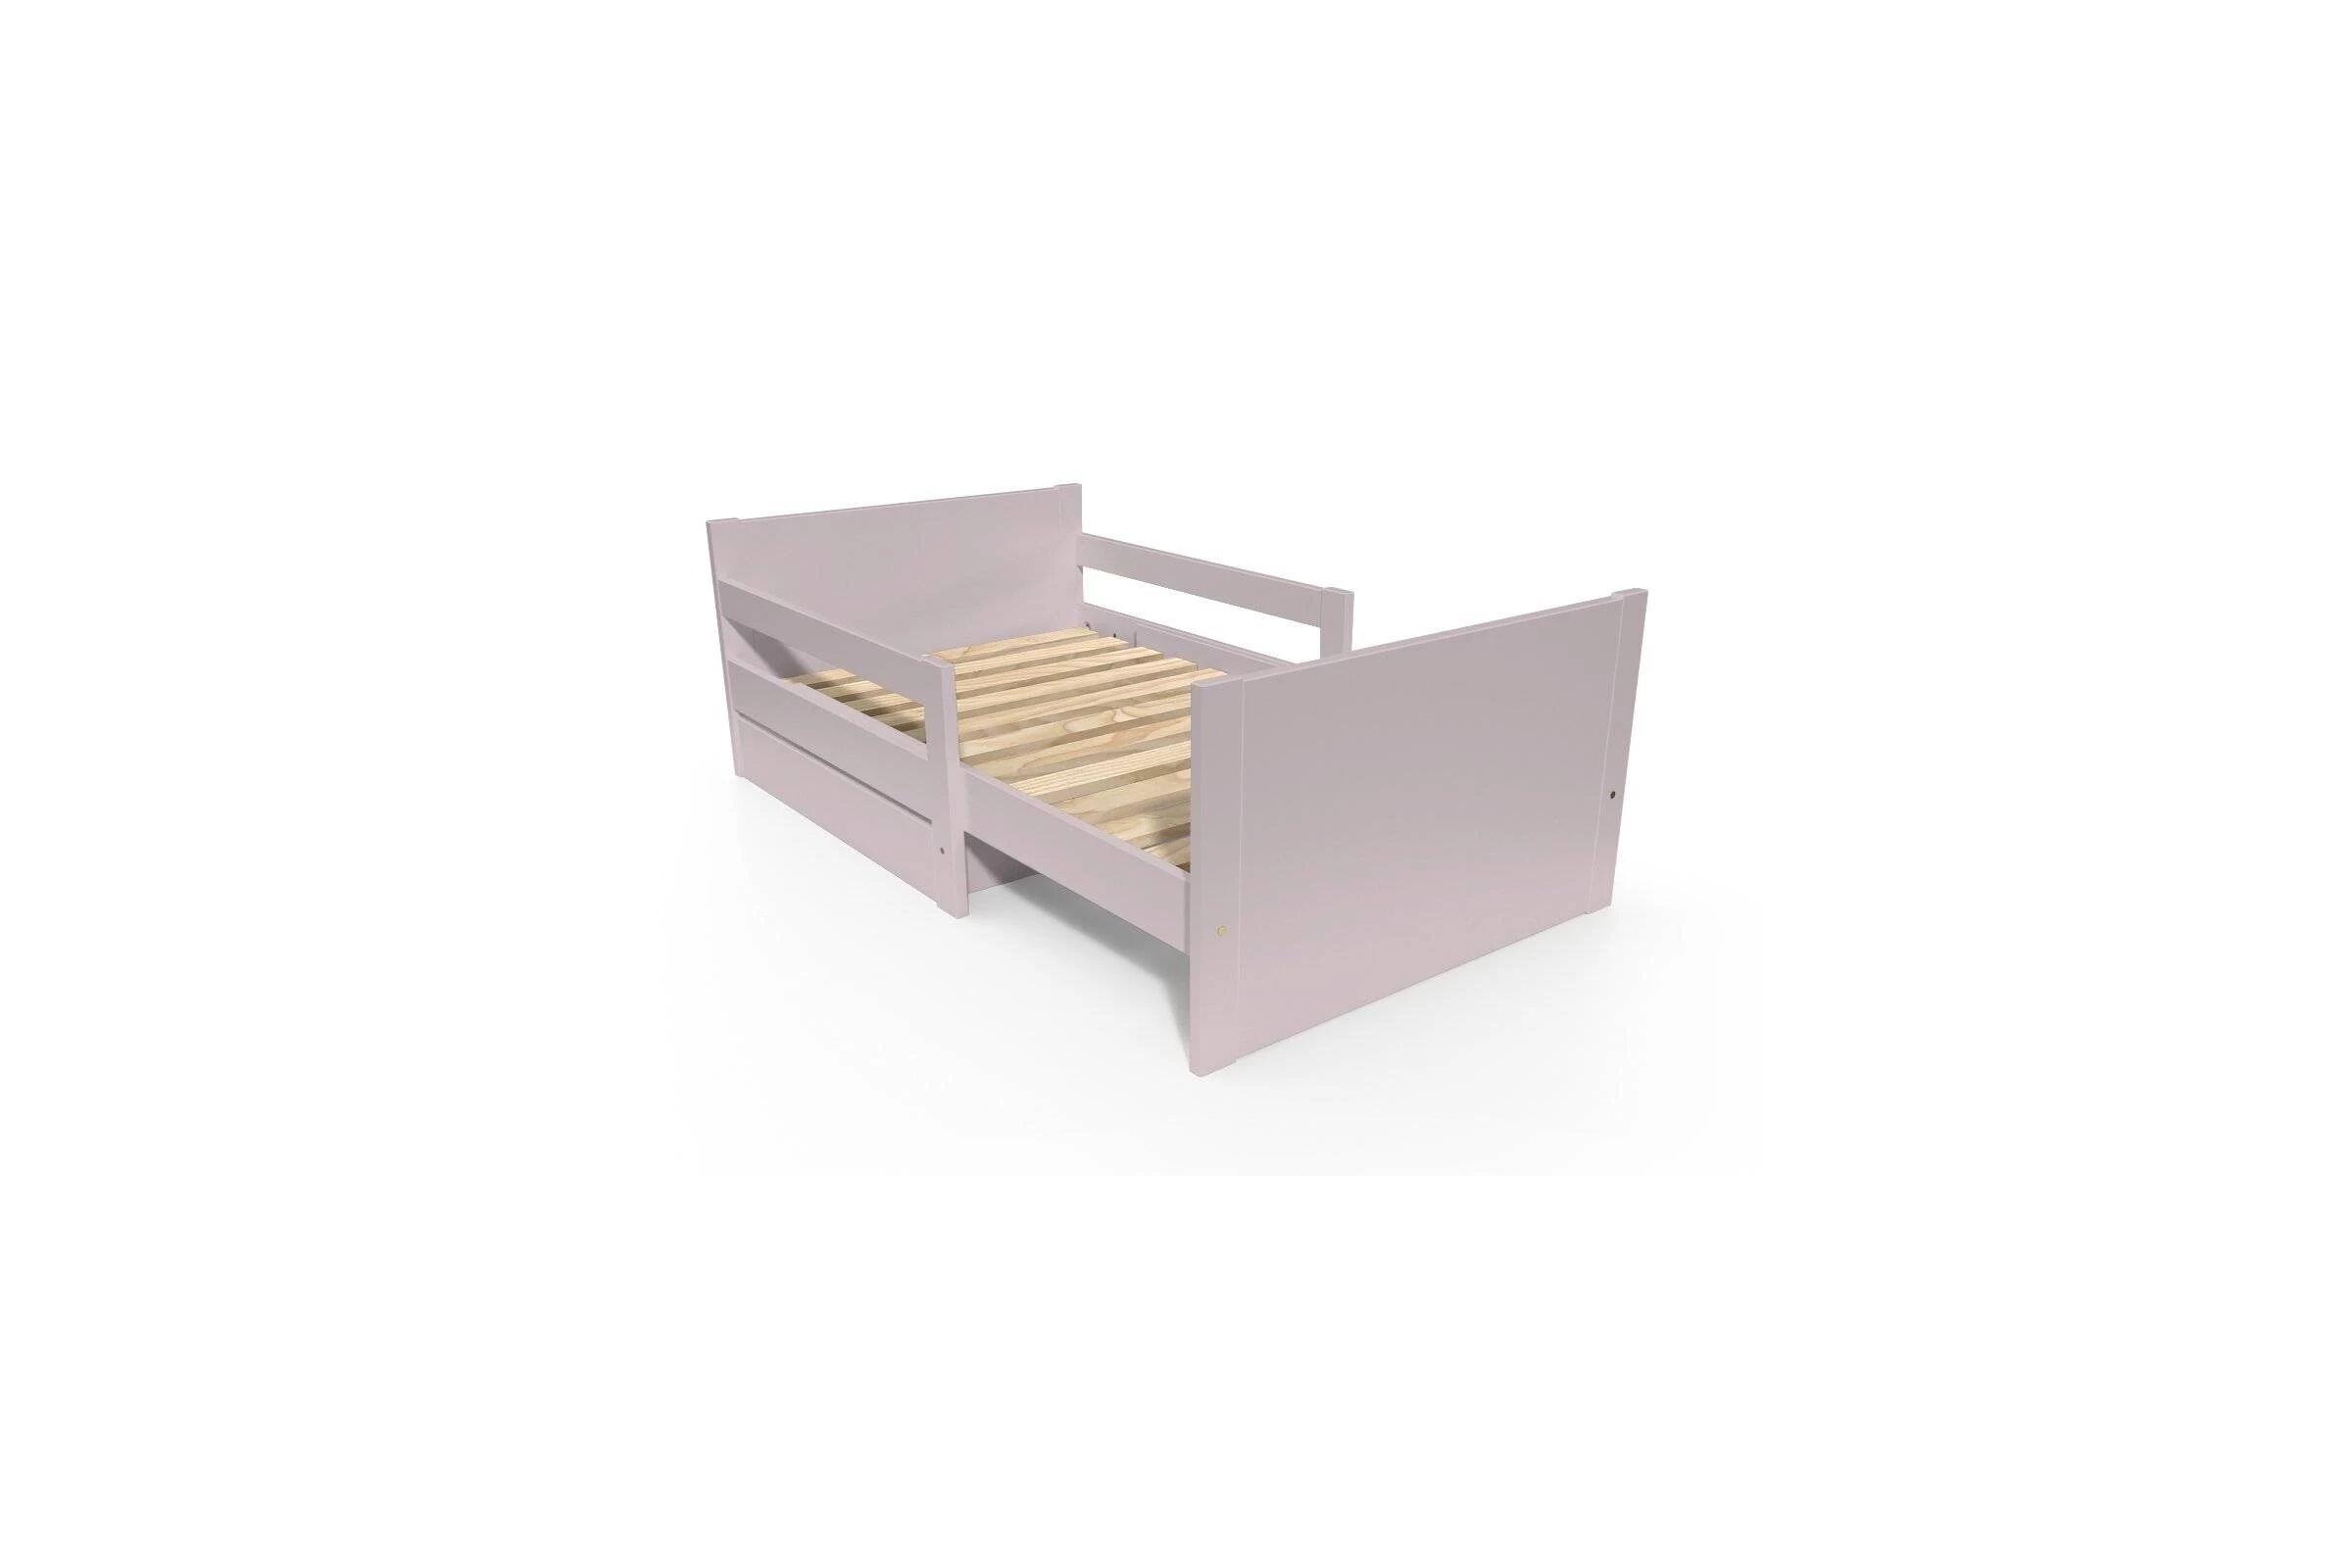 Abc meubles - lit évolutif enfant avec tiroir bois violet pastel